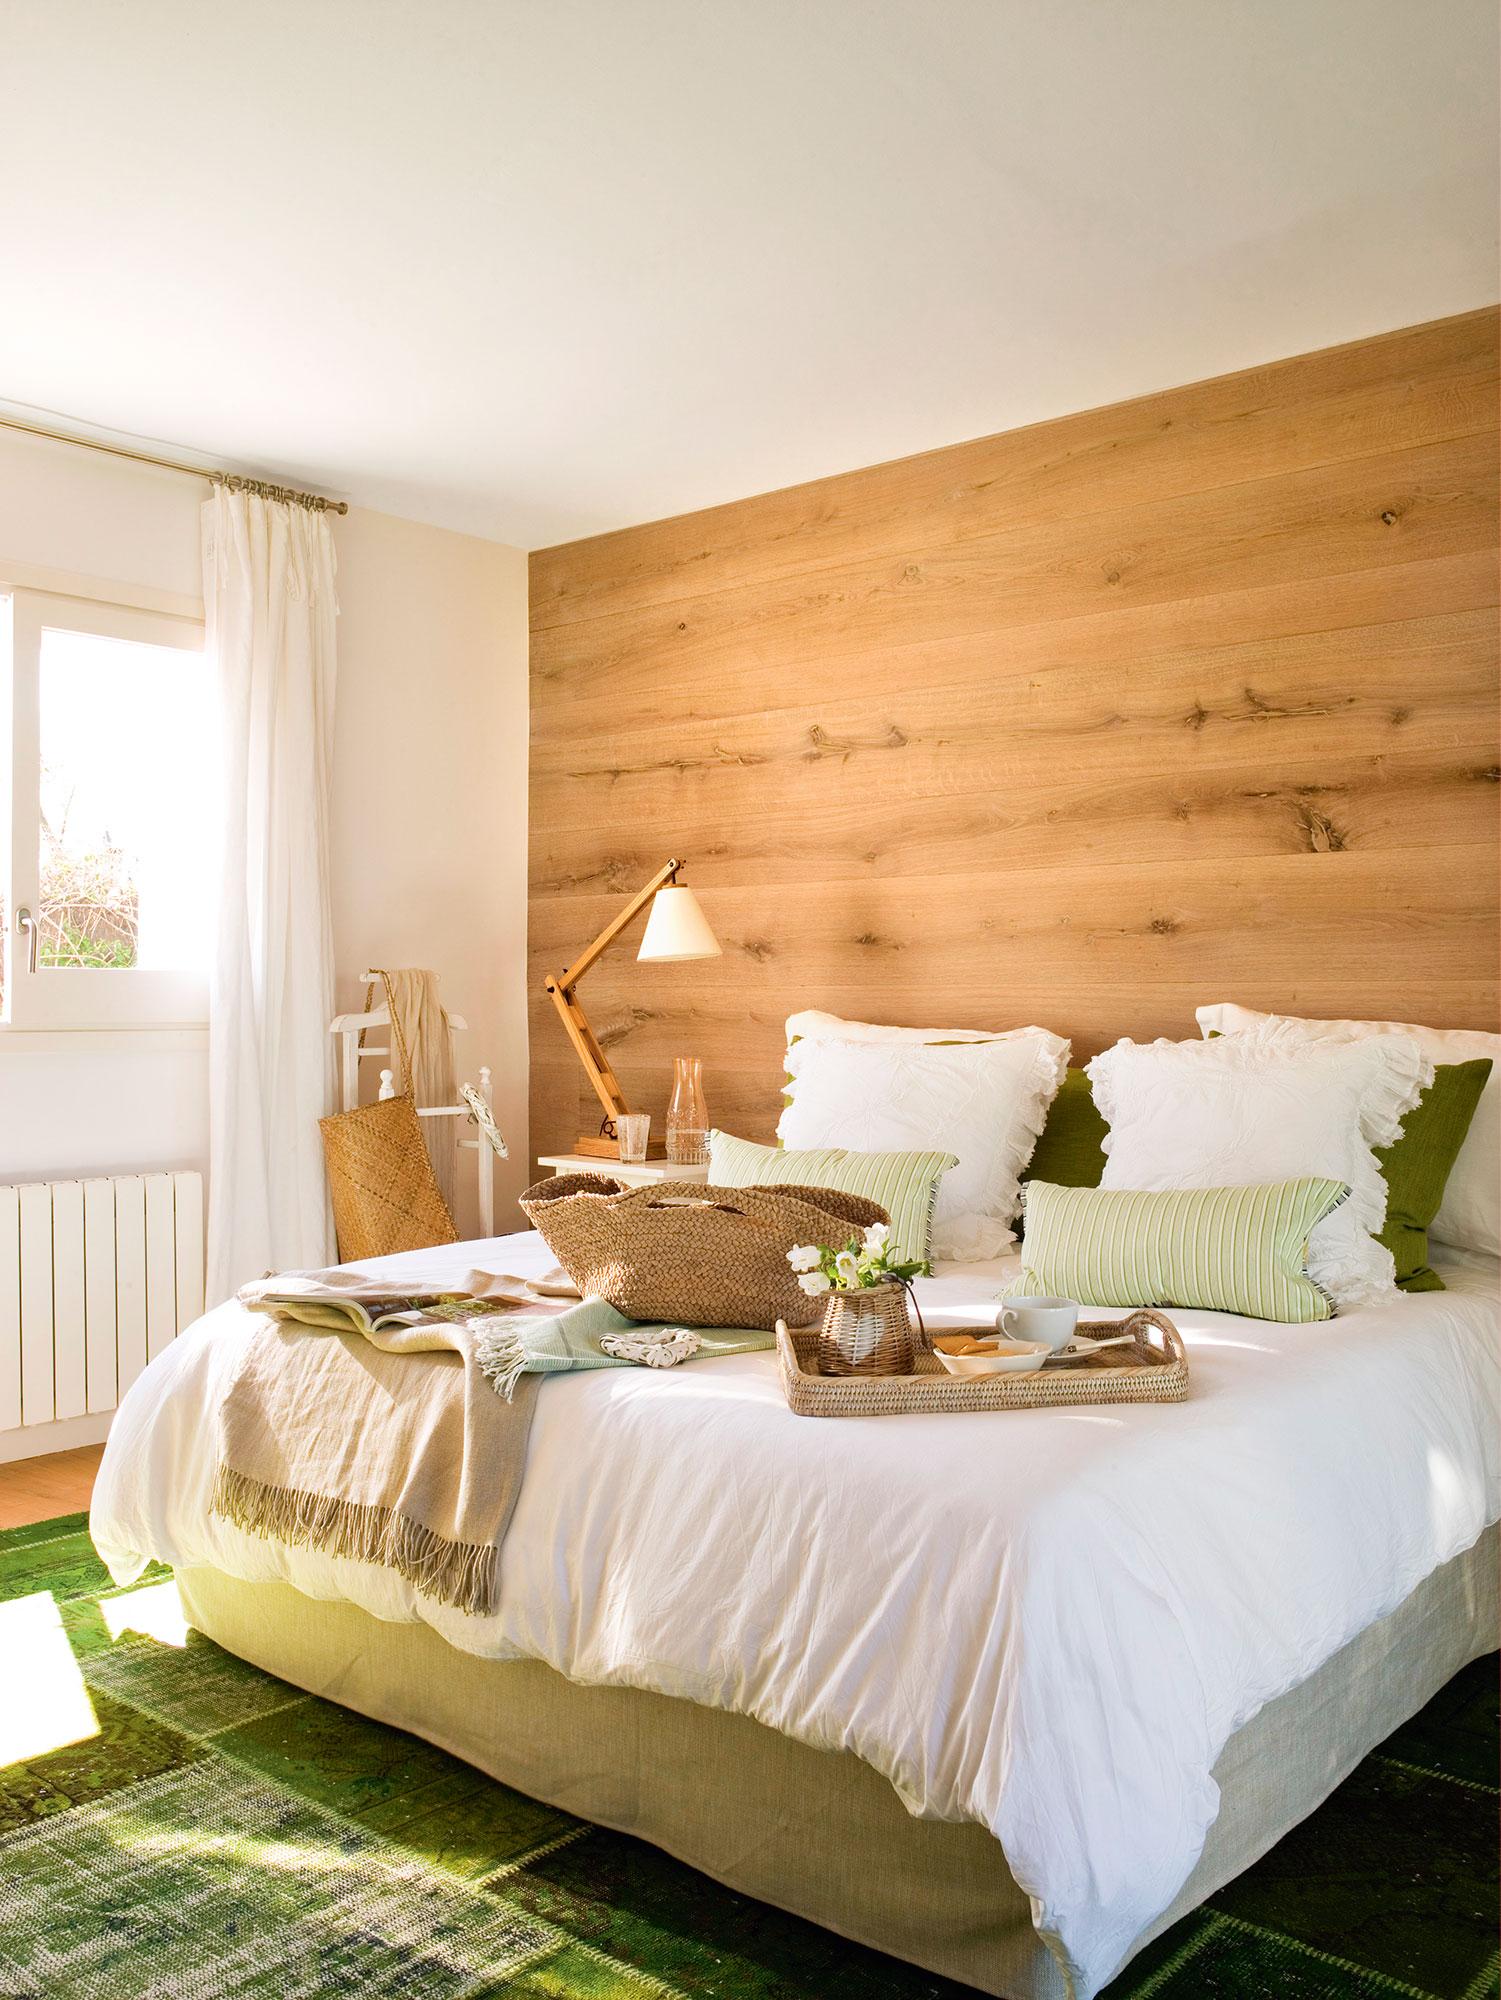 Dormitorios frescos viste tu habitaci n para el verano - Dormitorio verde ...